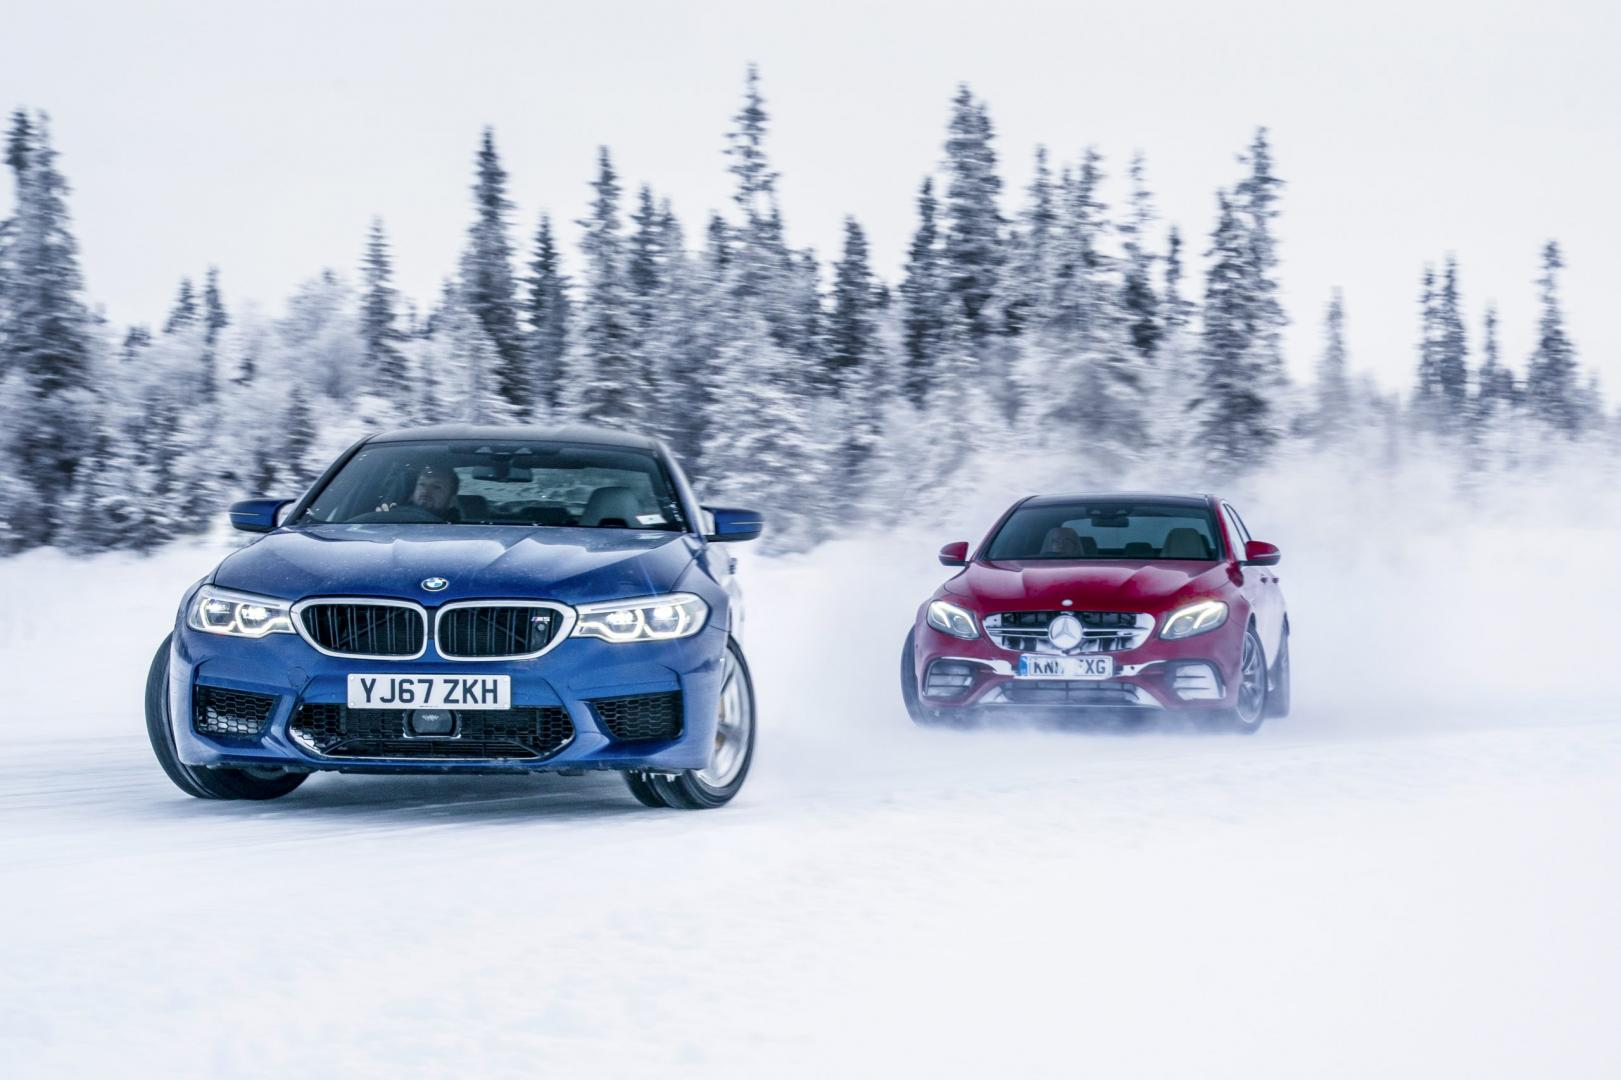 BMW M5 vs Mercedes-AMG E 63 S